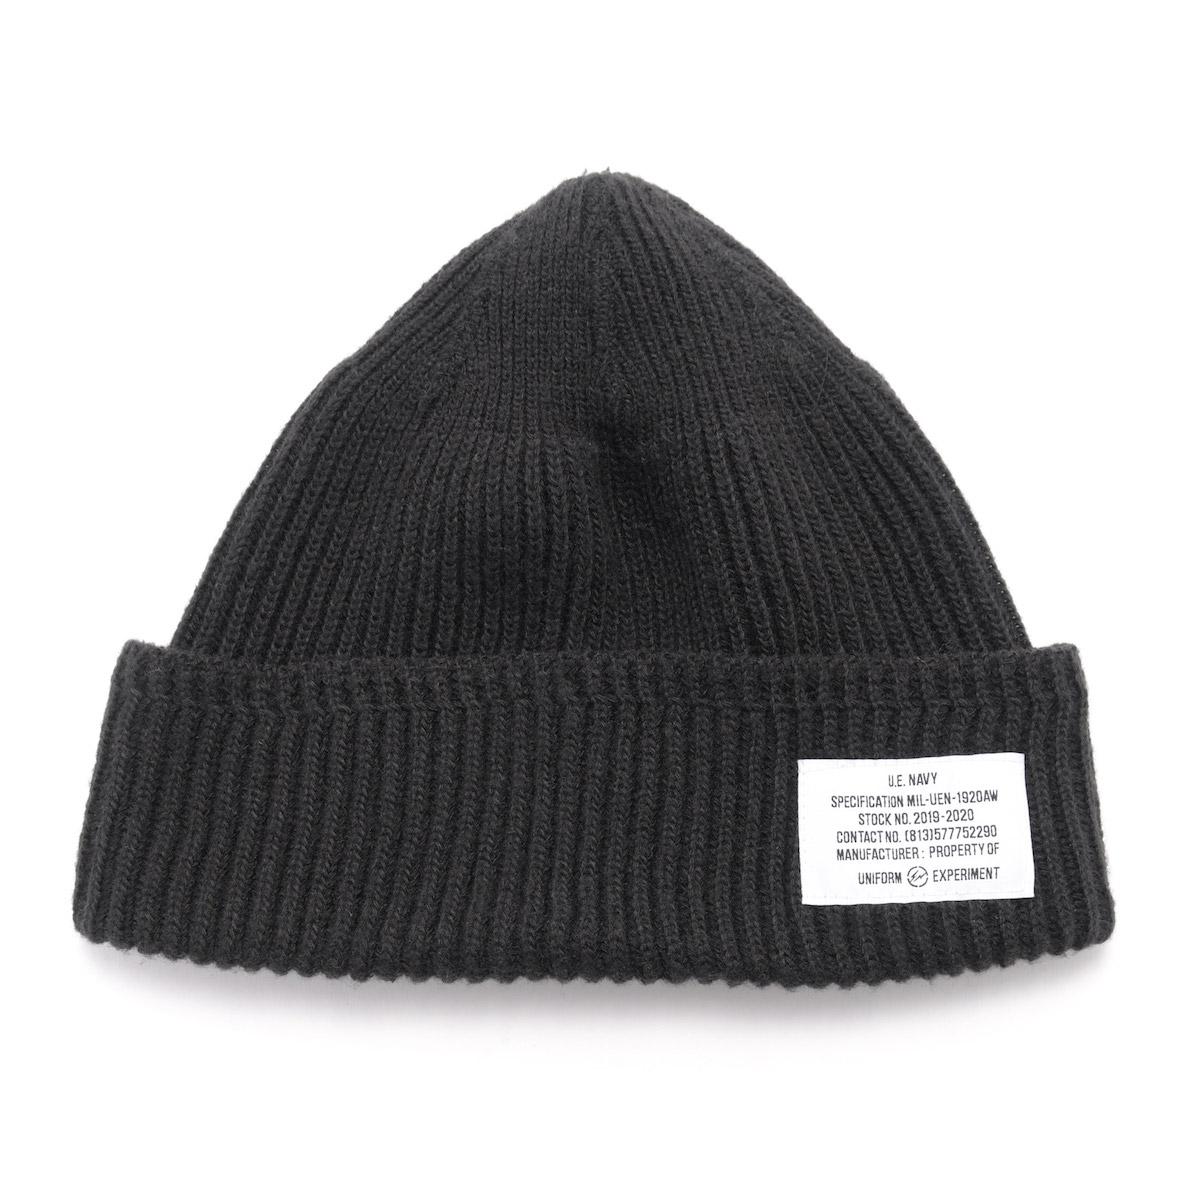 uniform experiment / UEN WATCH CAP (Black)